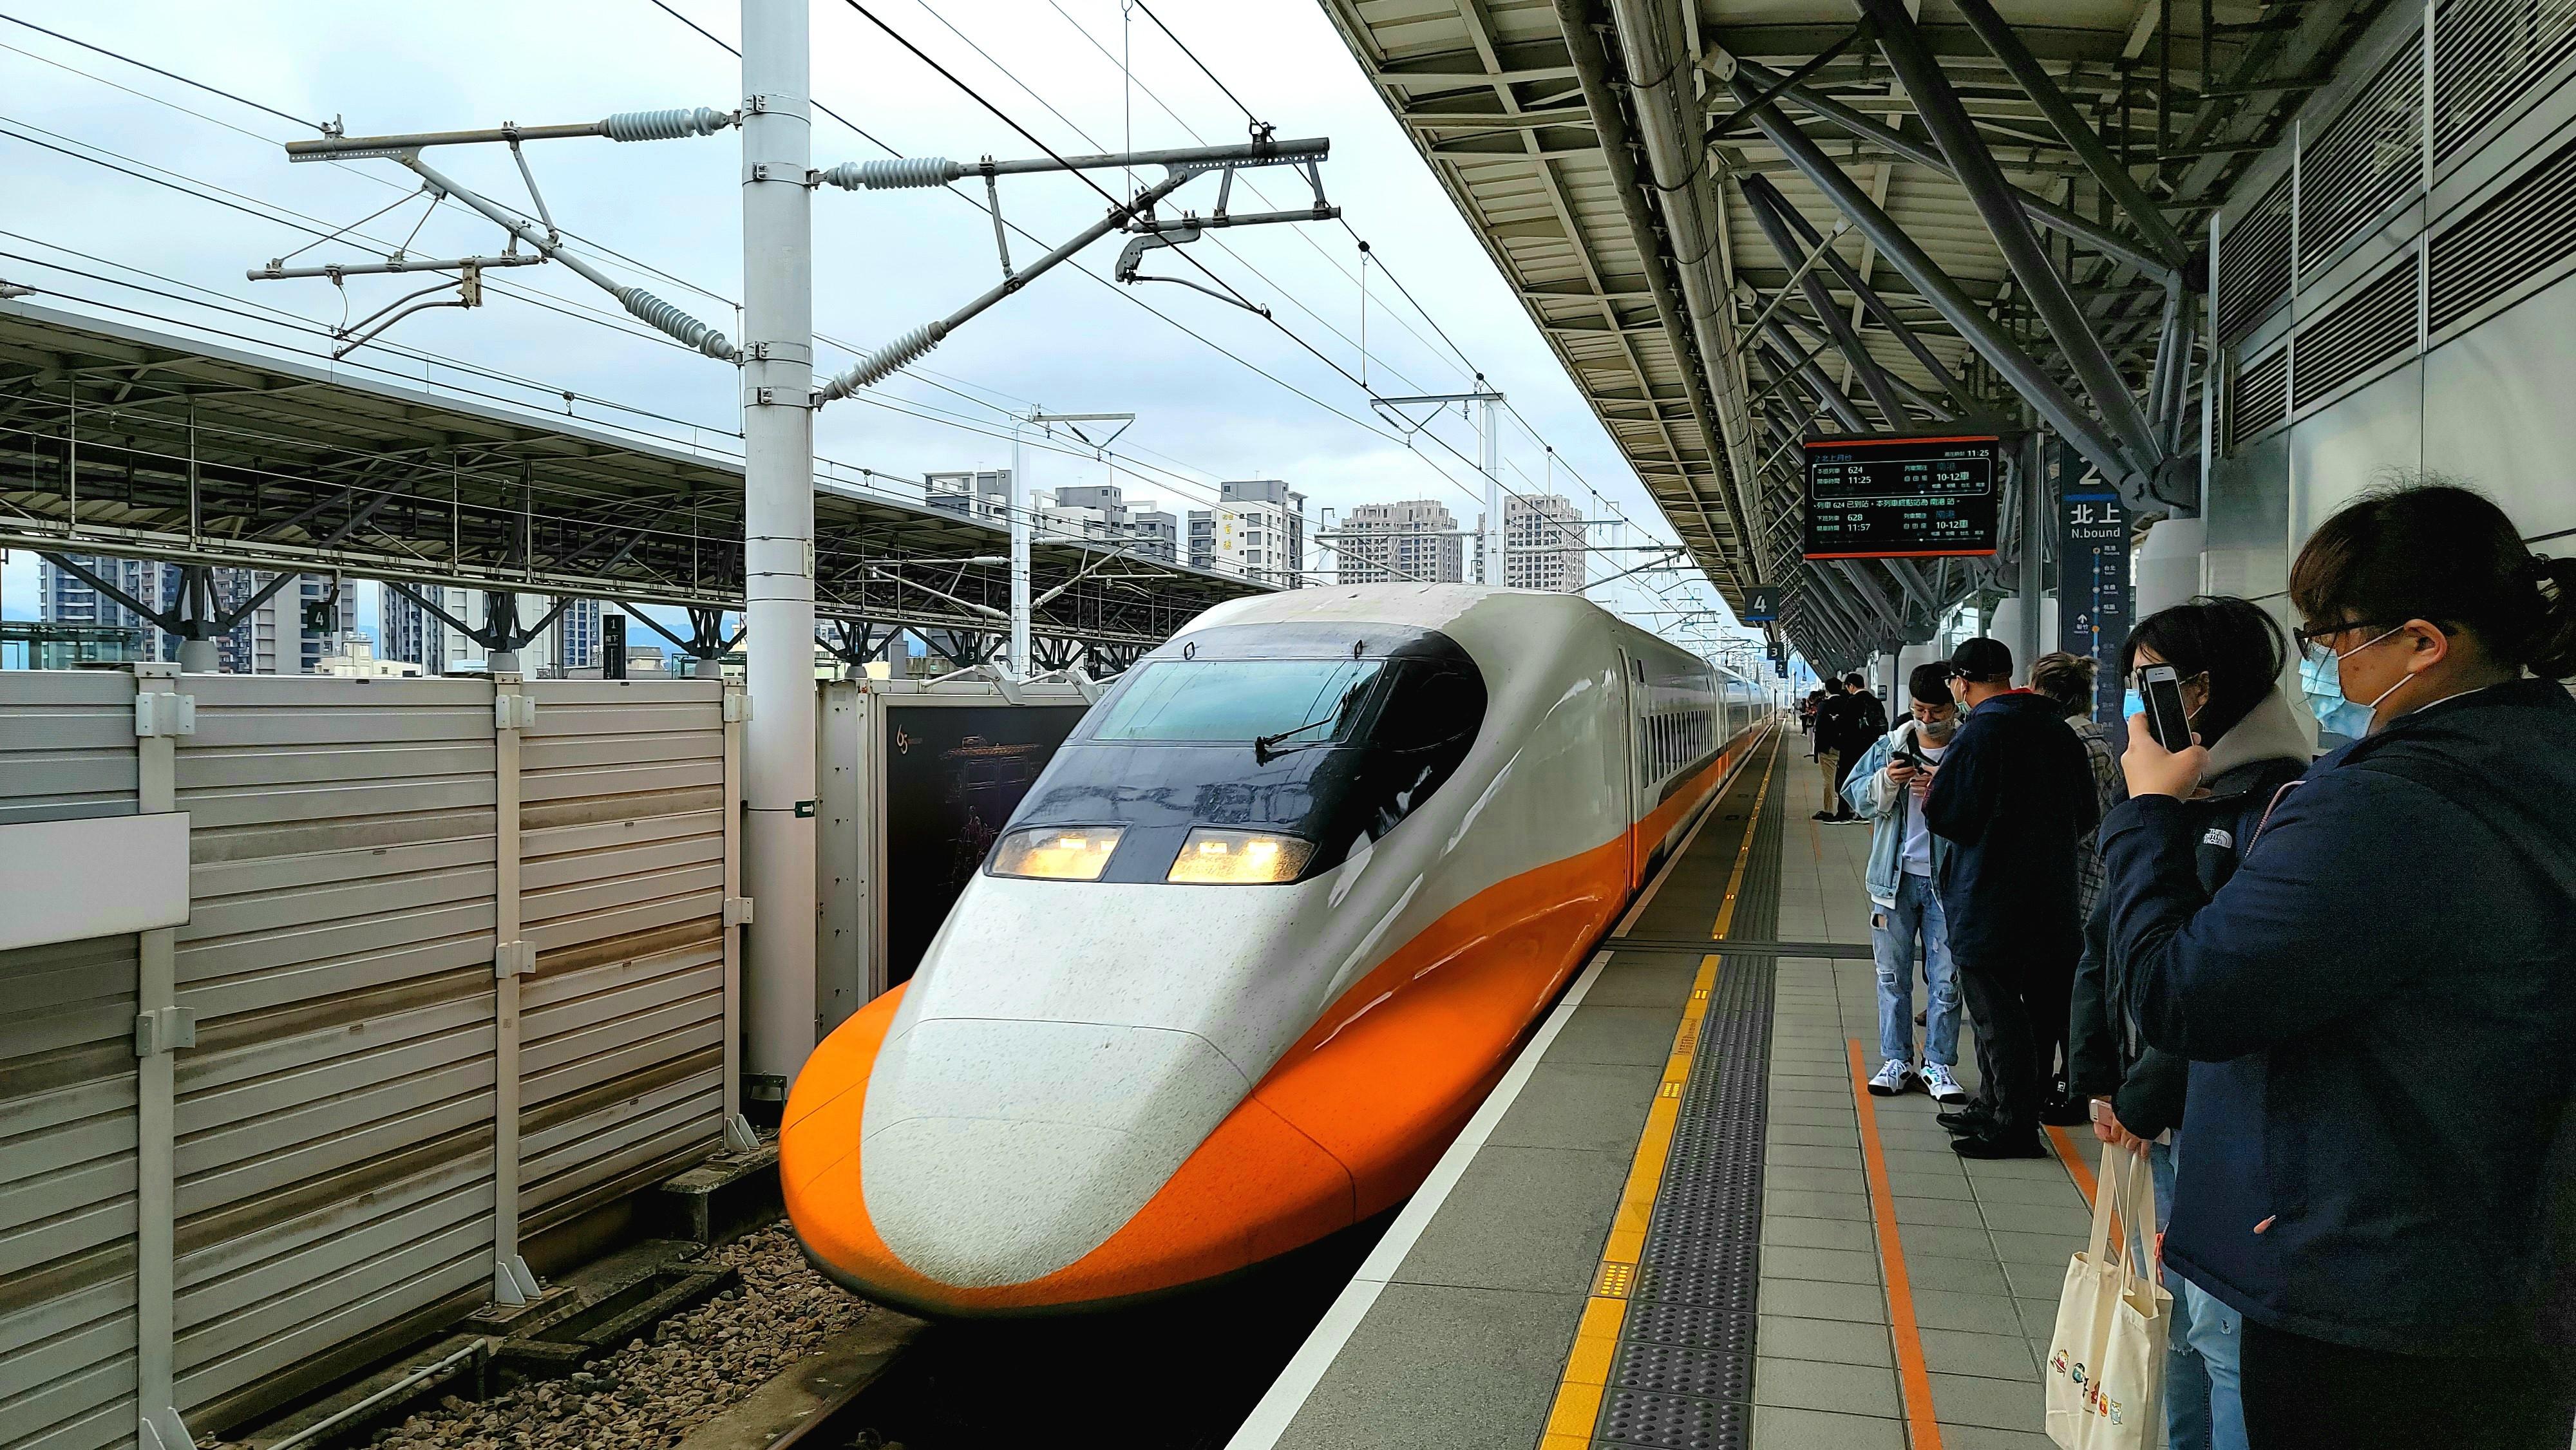 高鐵,台鐵,直鐵,宜蘭,交通部,國道五號,雪隧,觀光,花東,轉乘